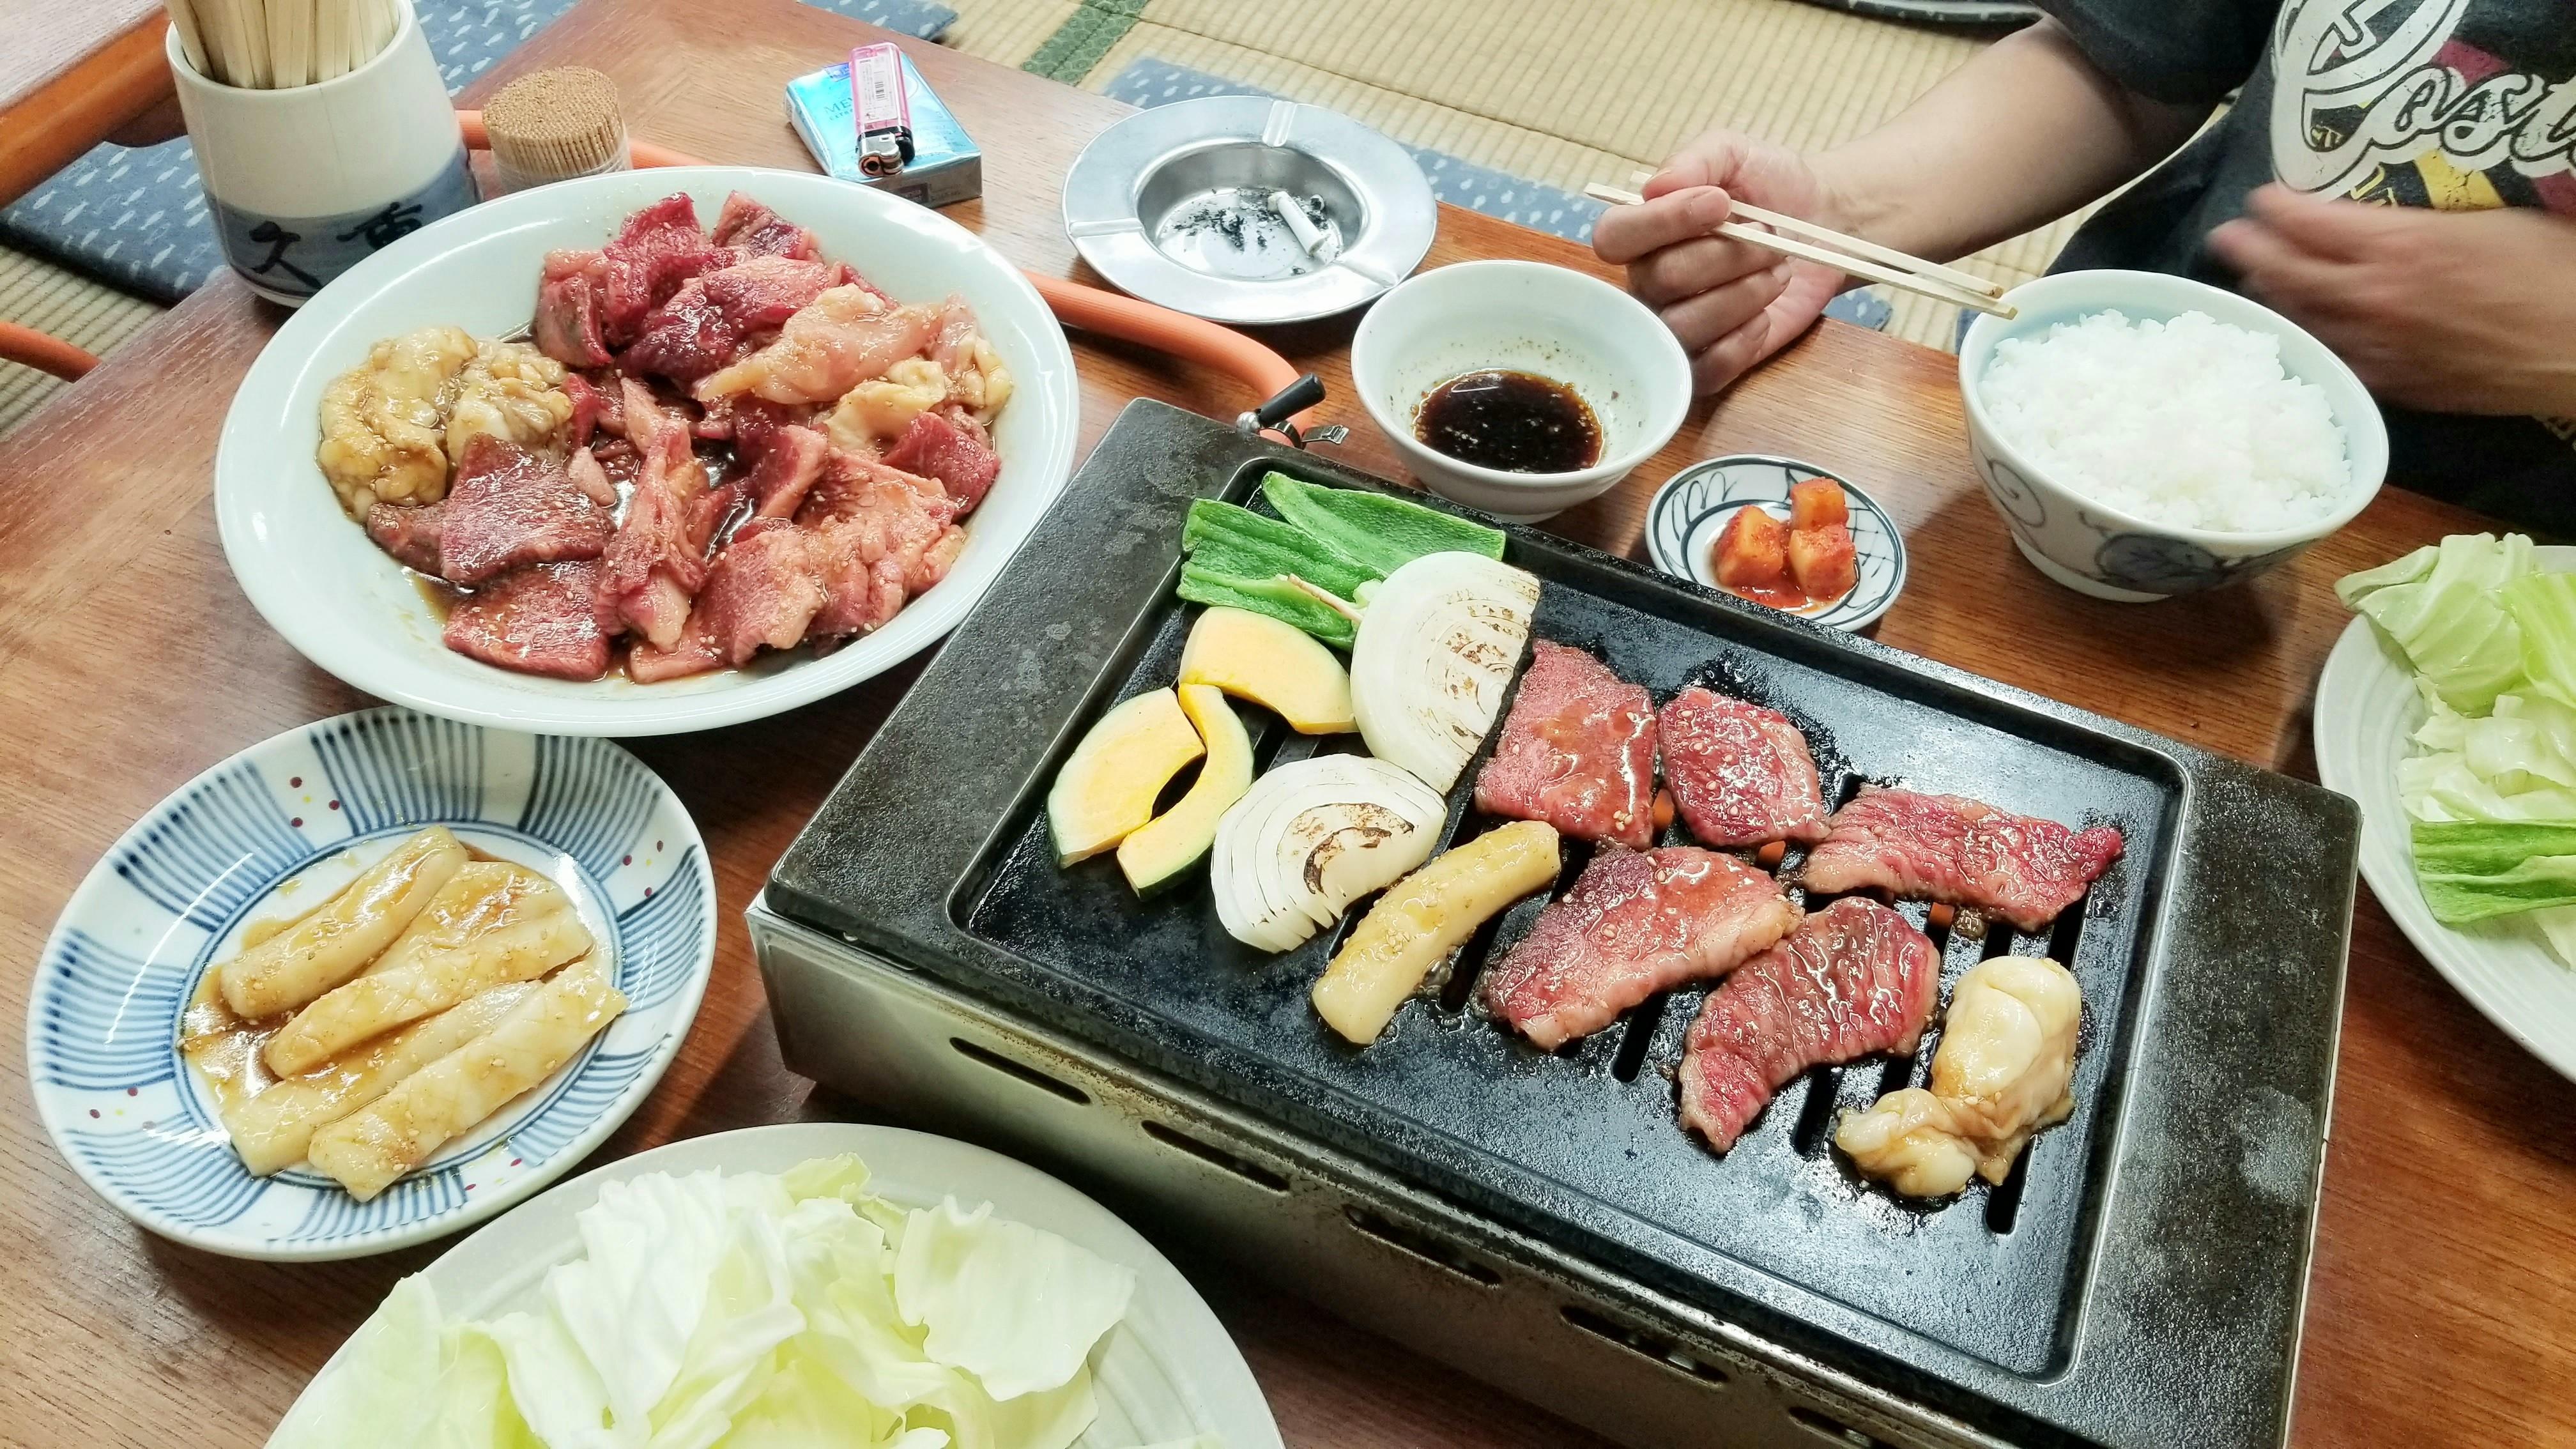 めちゃくちゃおいしい安いコスパ良い焼肉屋専門店ふくしげ松山グルメ